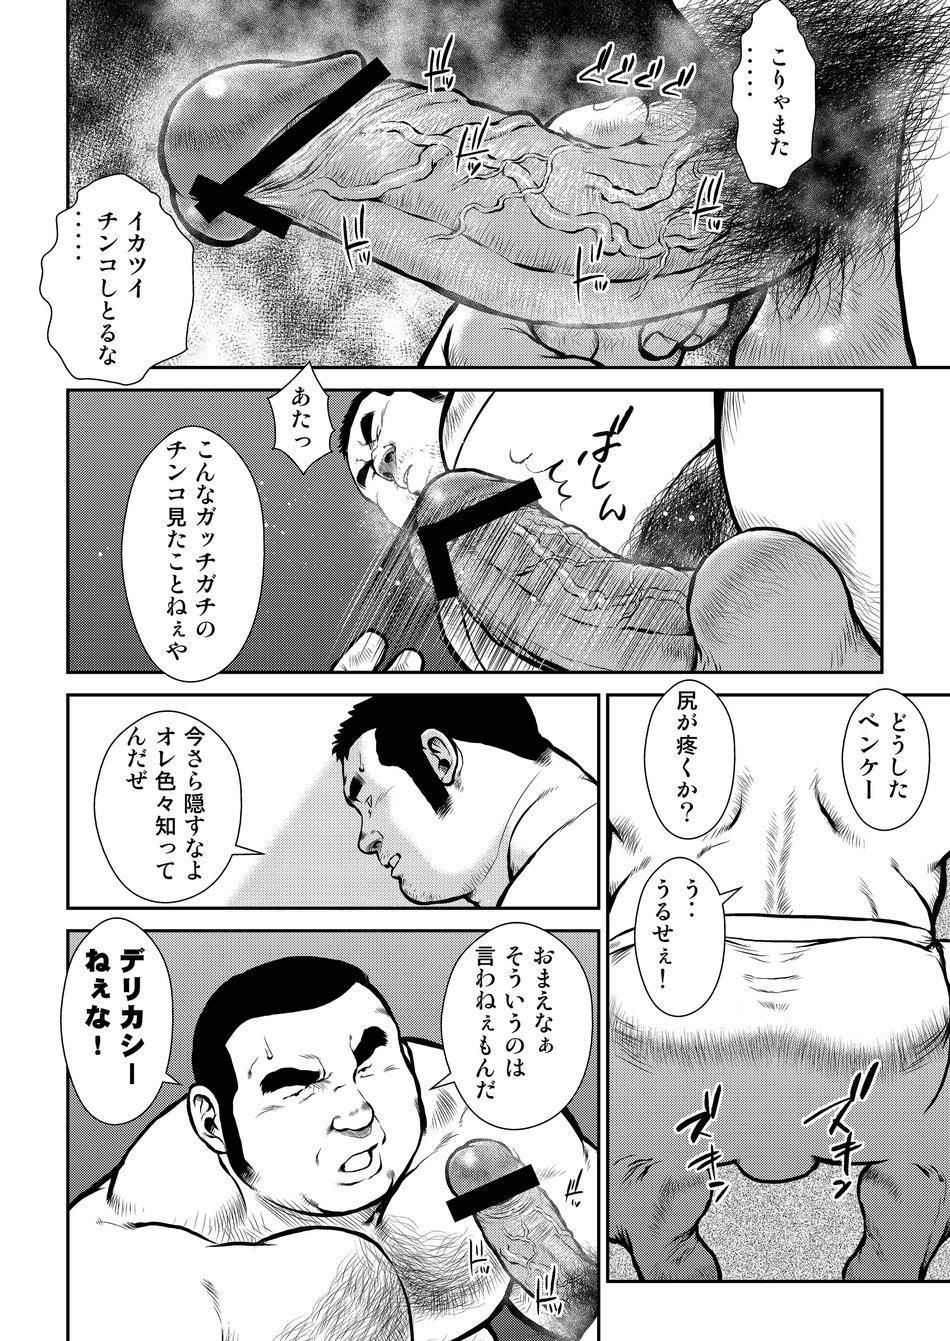 Hara Iso Hatsujou Seinendan Dai 4-wa 3